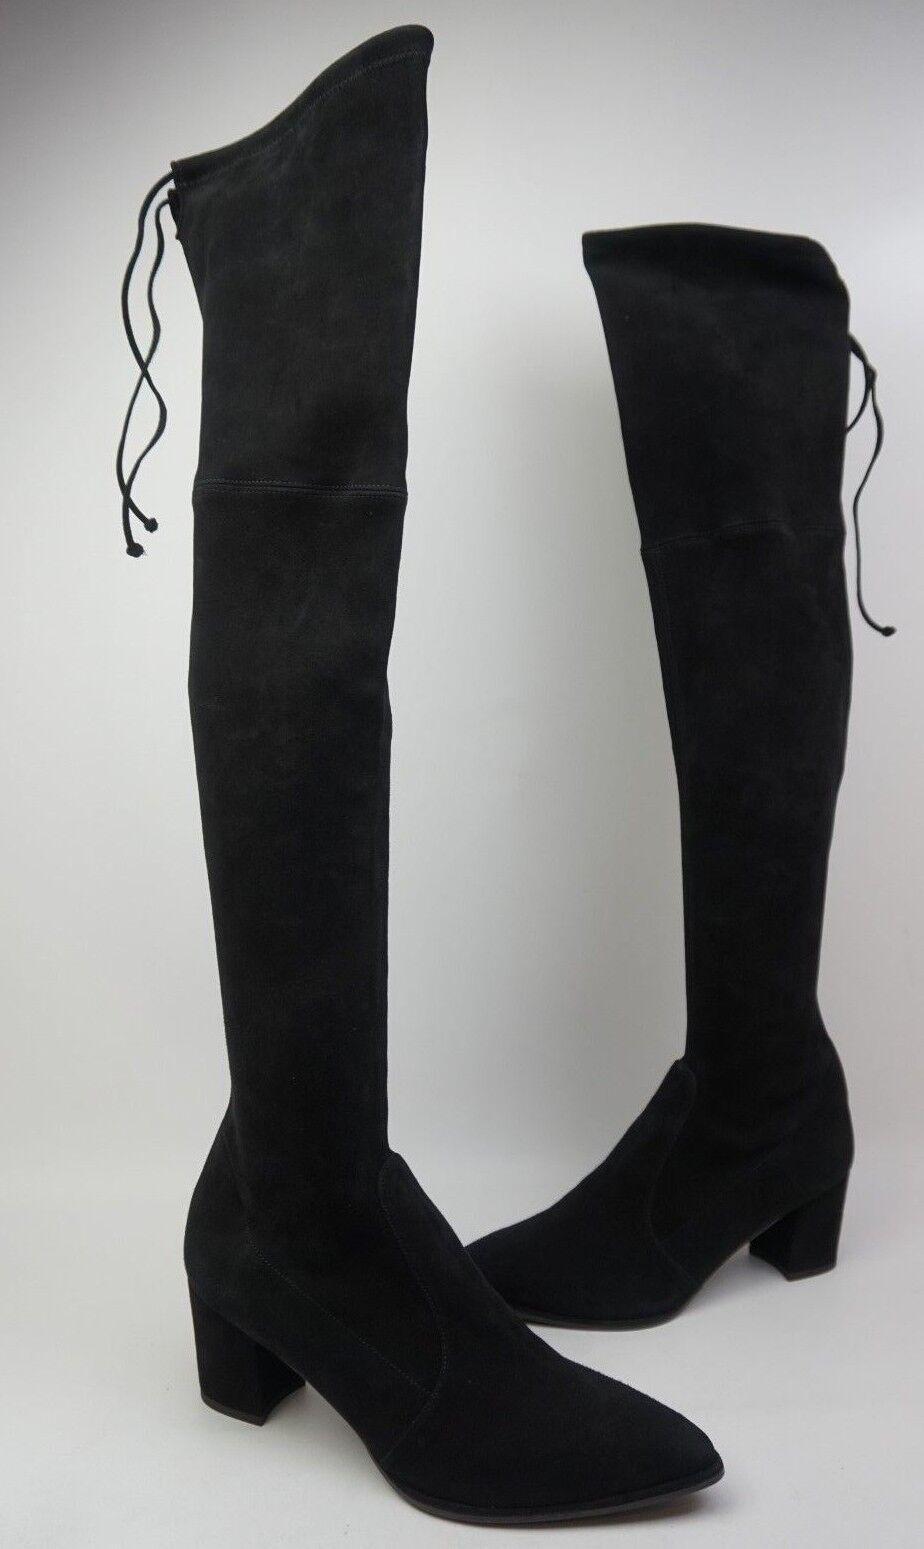 Stuart Weitzman Thighland Schwarz Overknee Stiefel Stiefel Stiefel Größe 10.5 M  97b25d